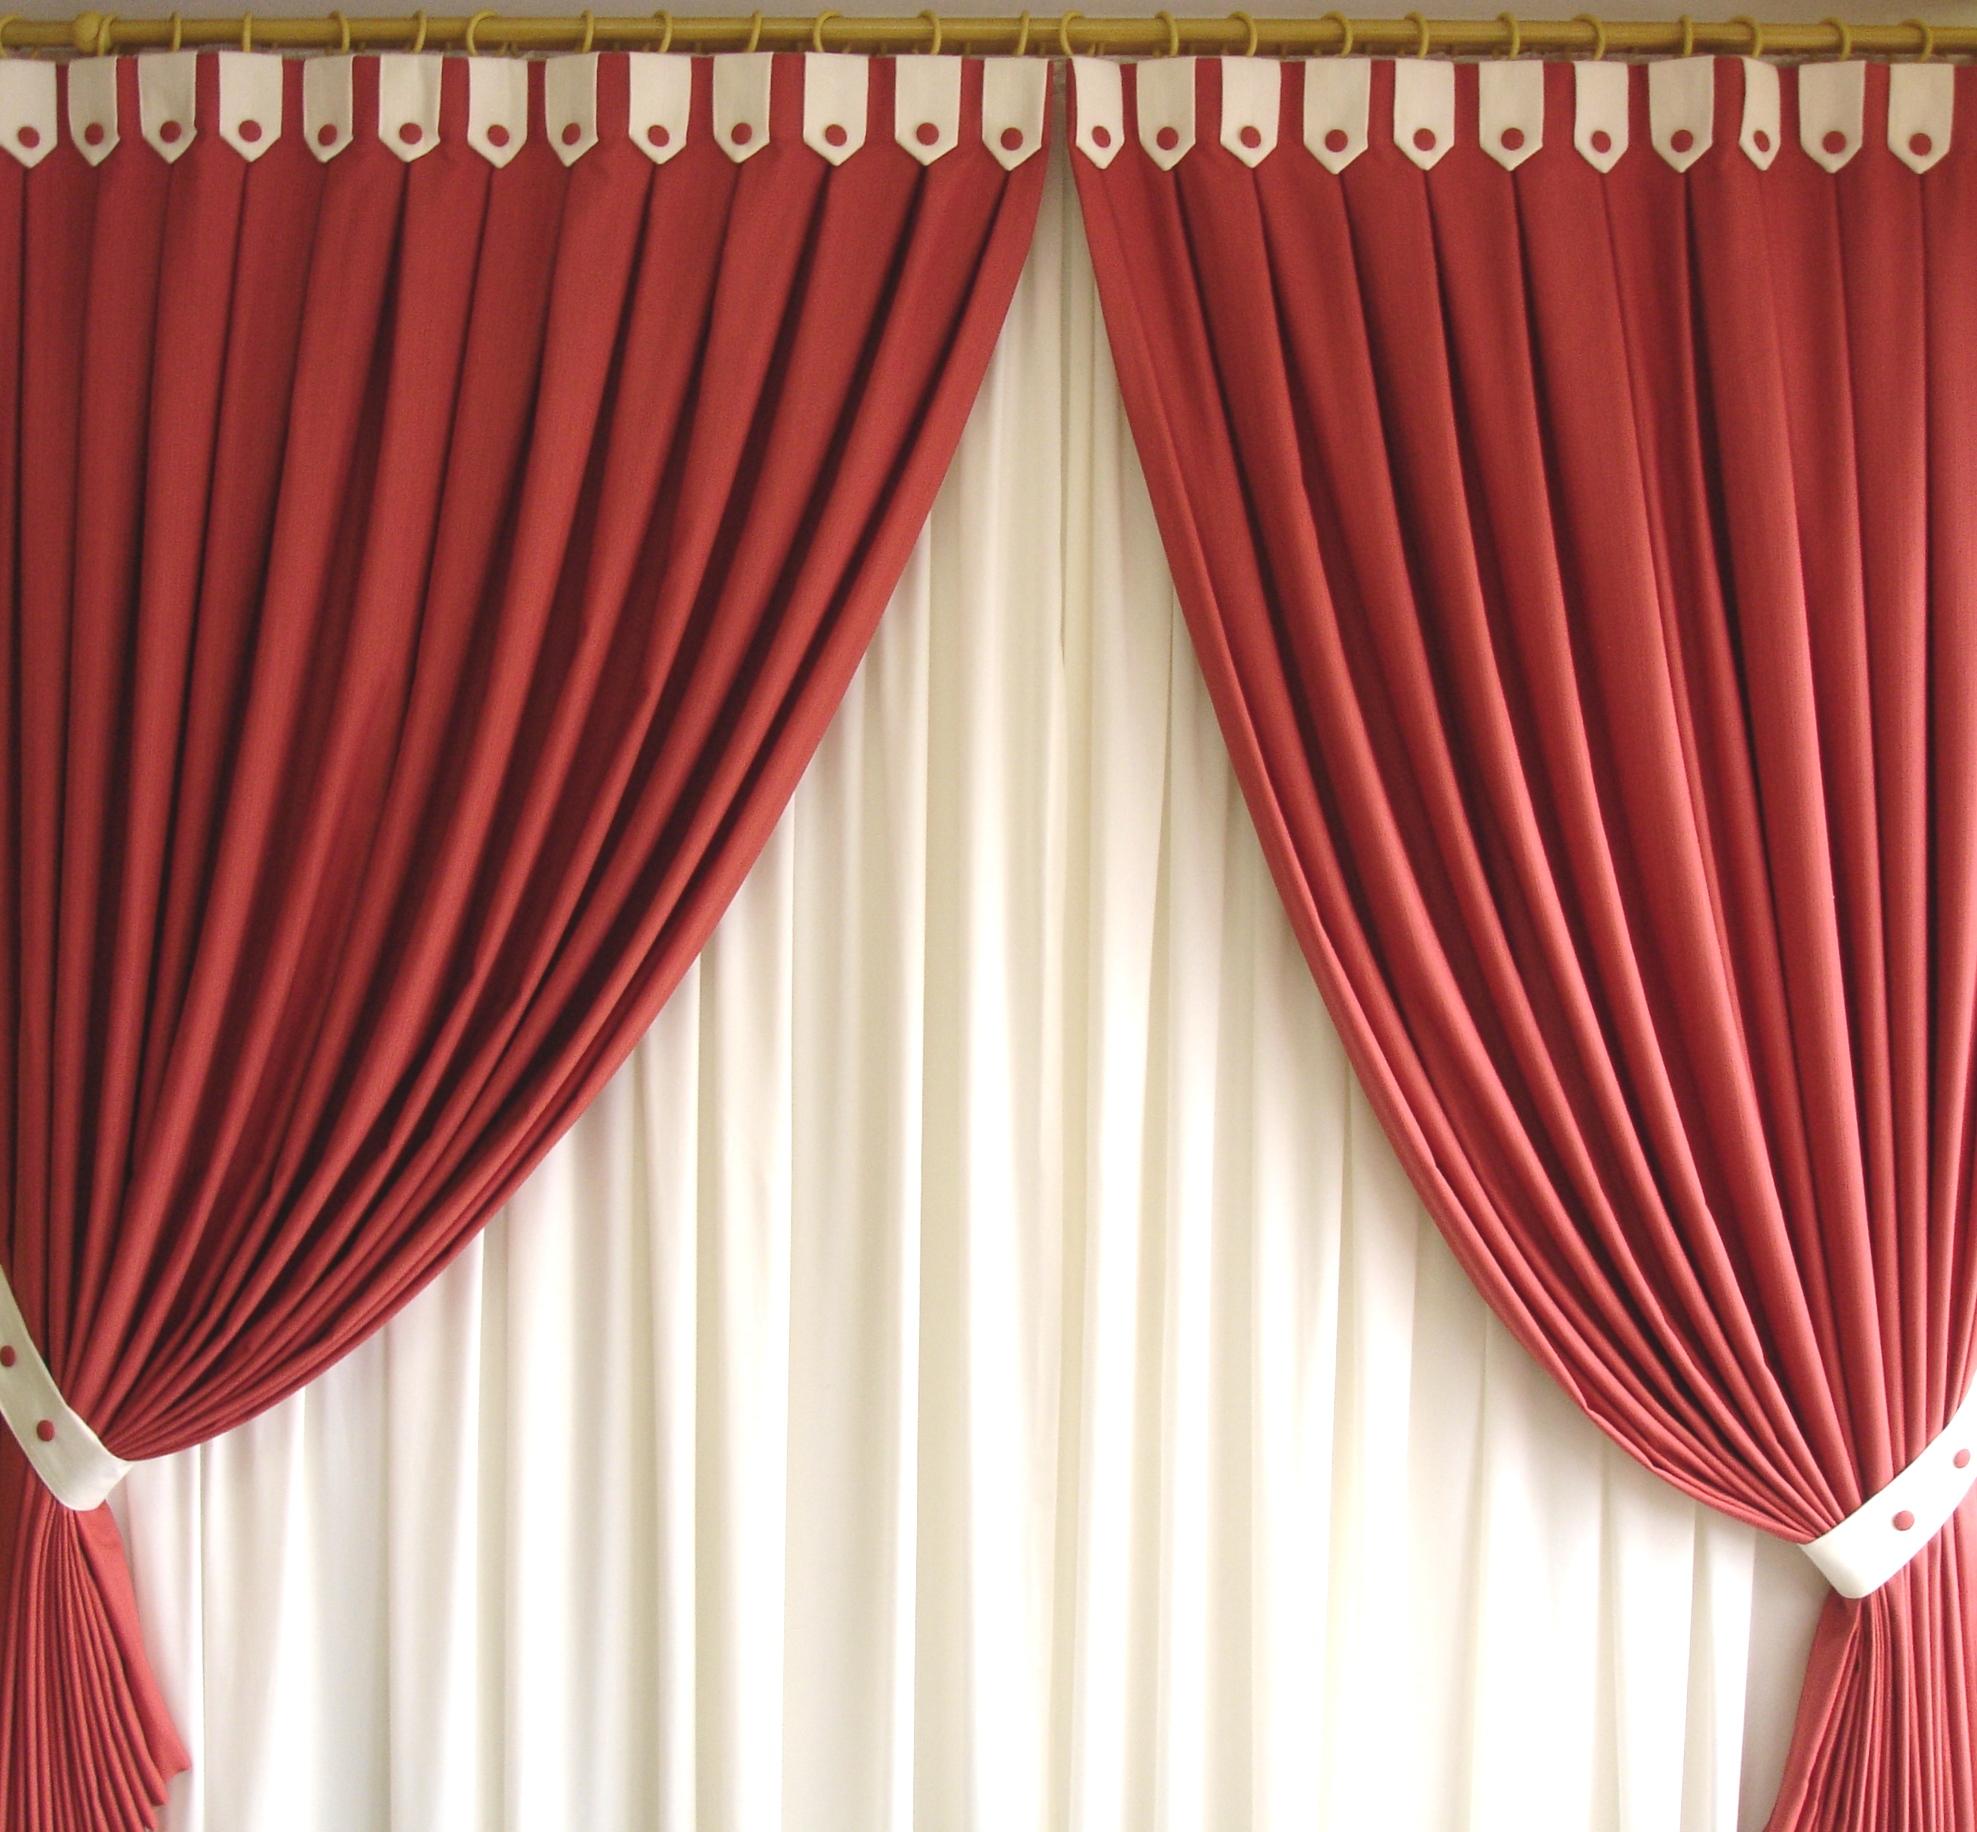 San remo decora es cortinas e persianas taguatinga for Cortinas online